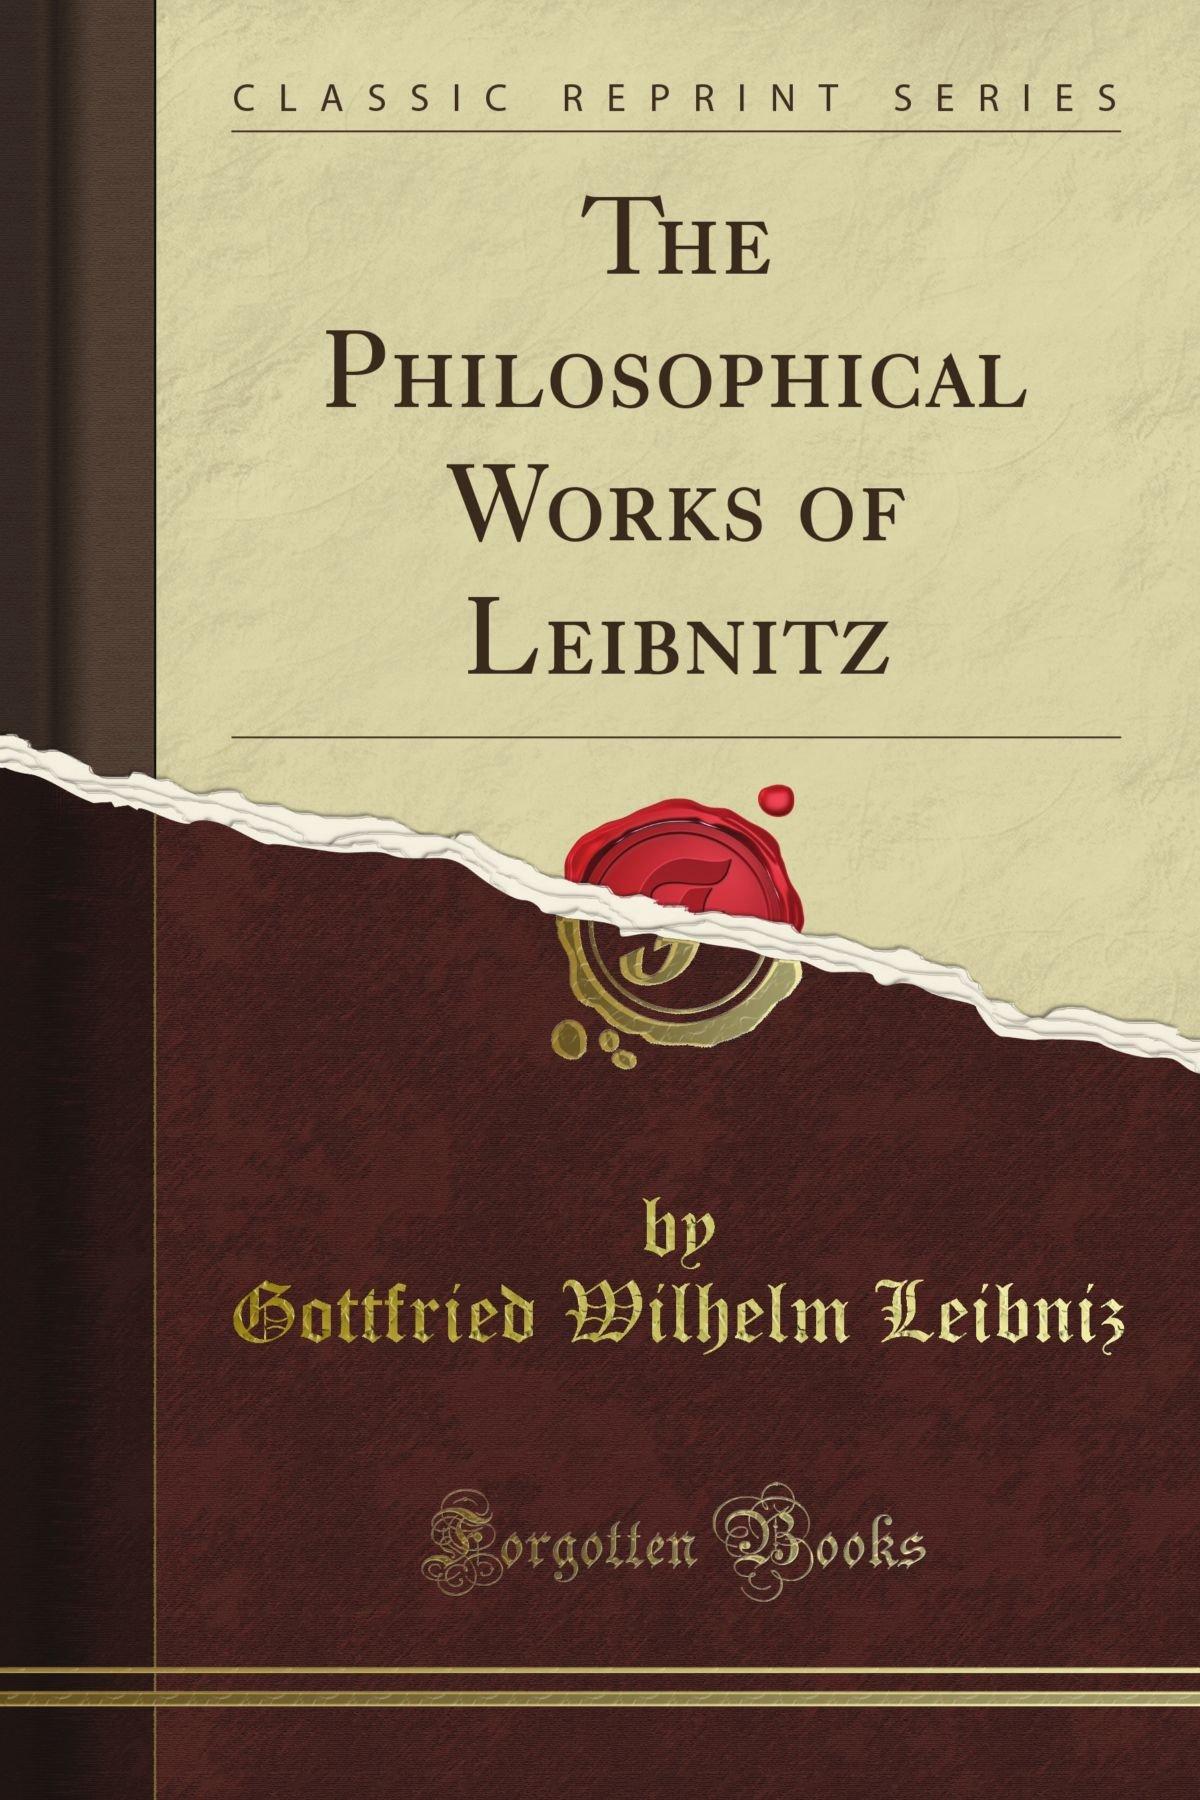 what did gottfried wilhelm von leibniz invented